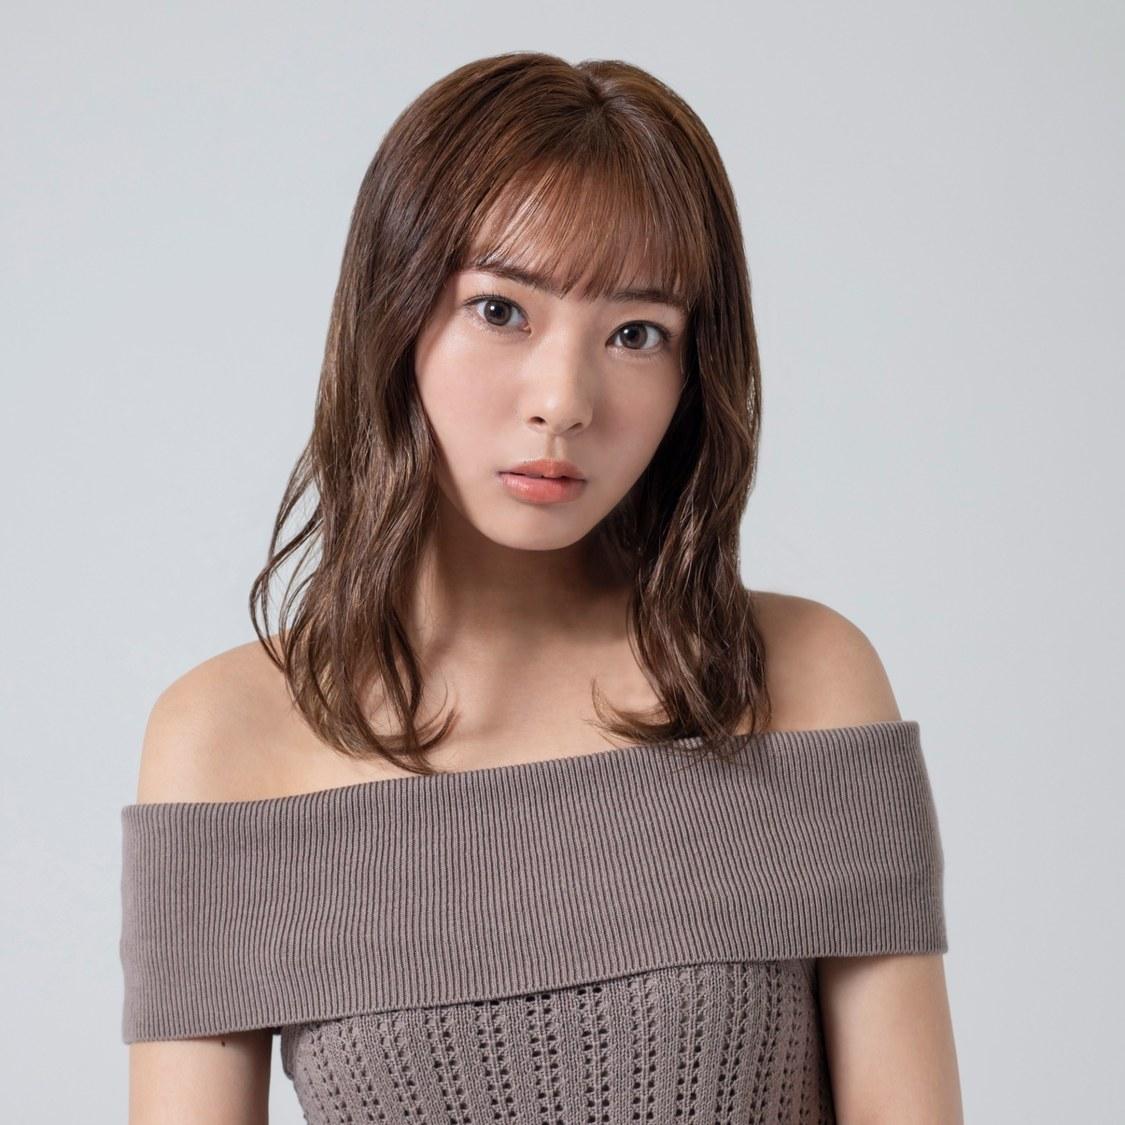 元NMB48 山田寿々、卒業後初のファンミーティング開催! 特別ゲストとして清水里香が登場